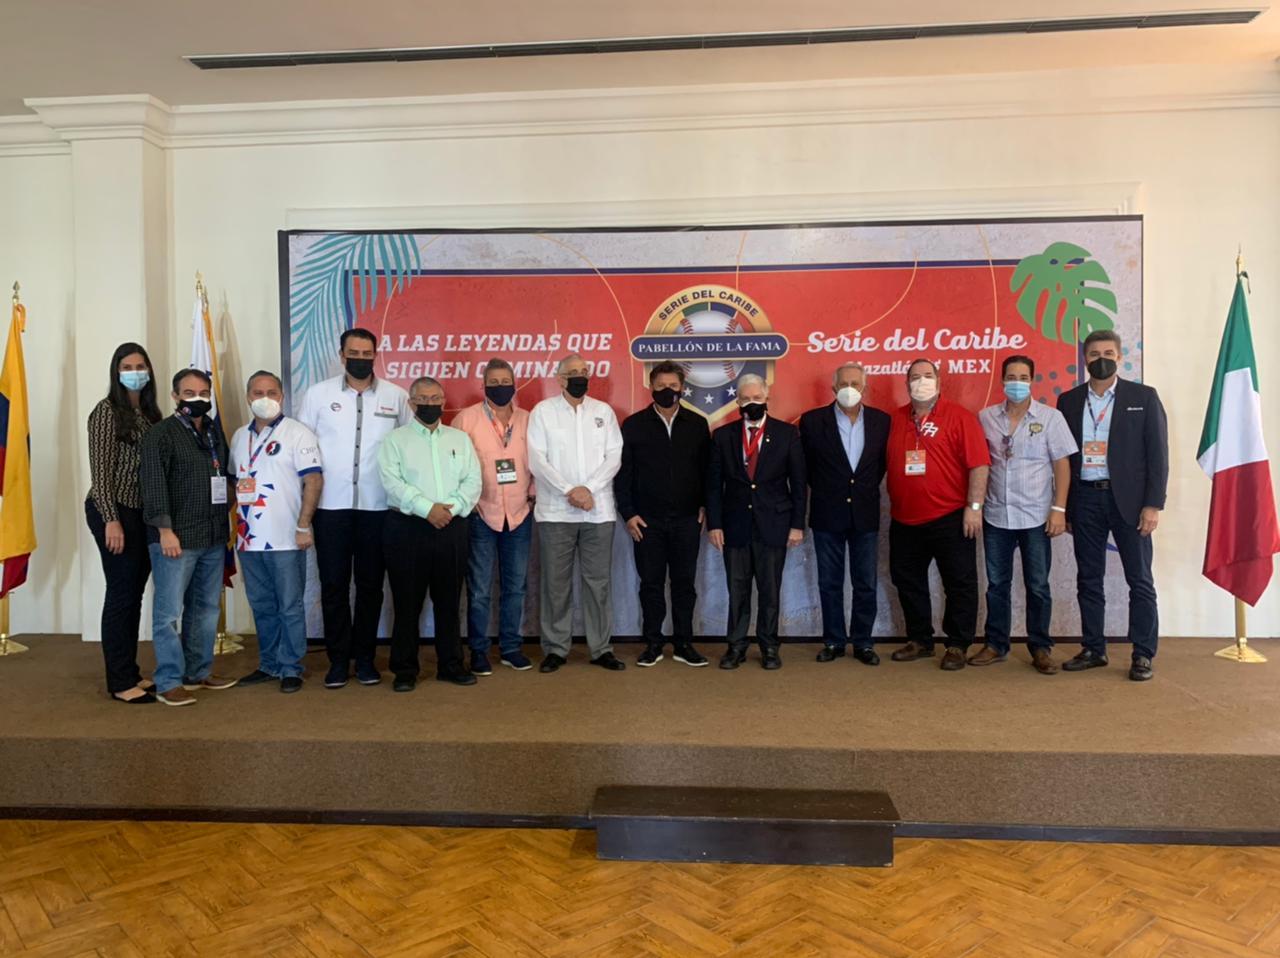 República Dominicana es confirmada como sede de la Serie del Caribe de 2022